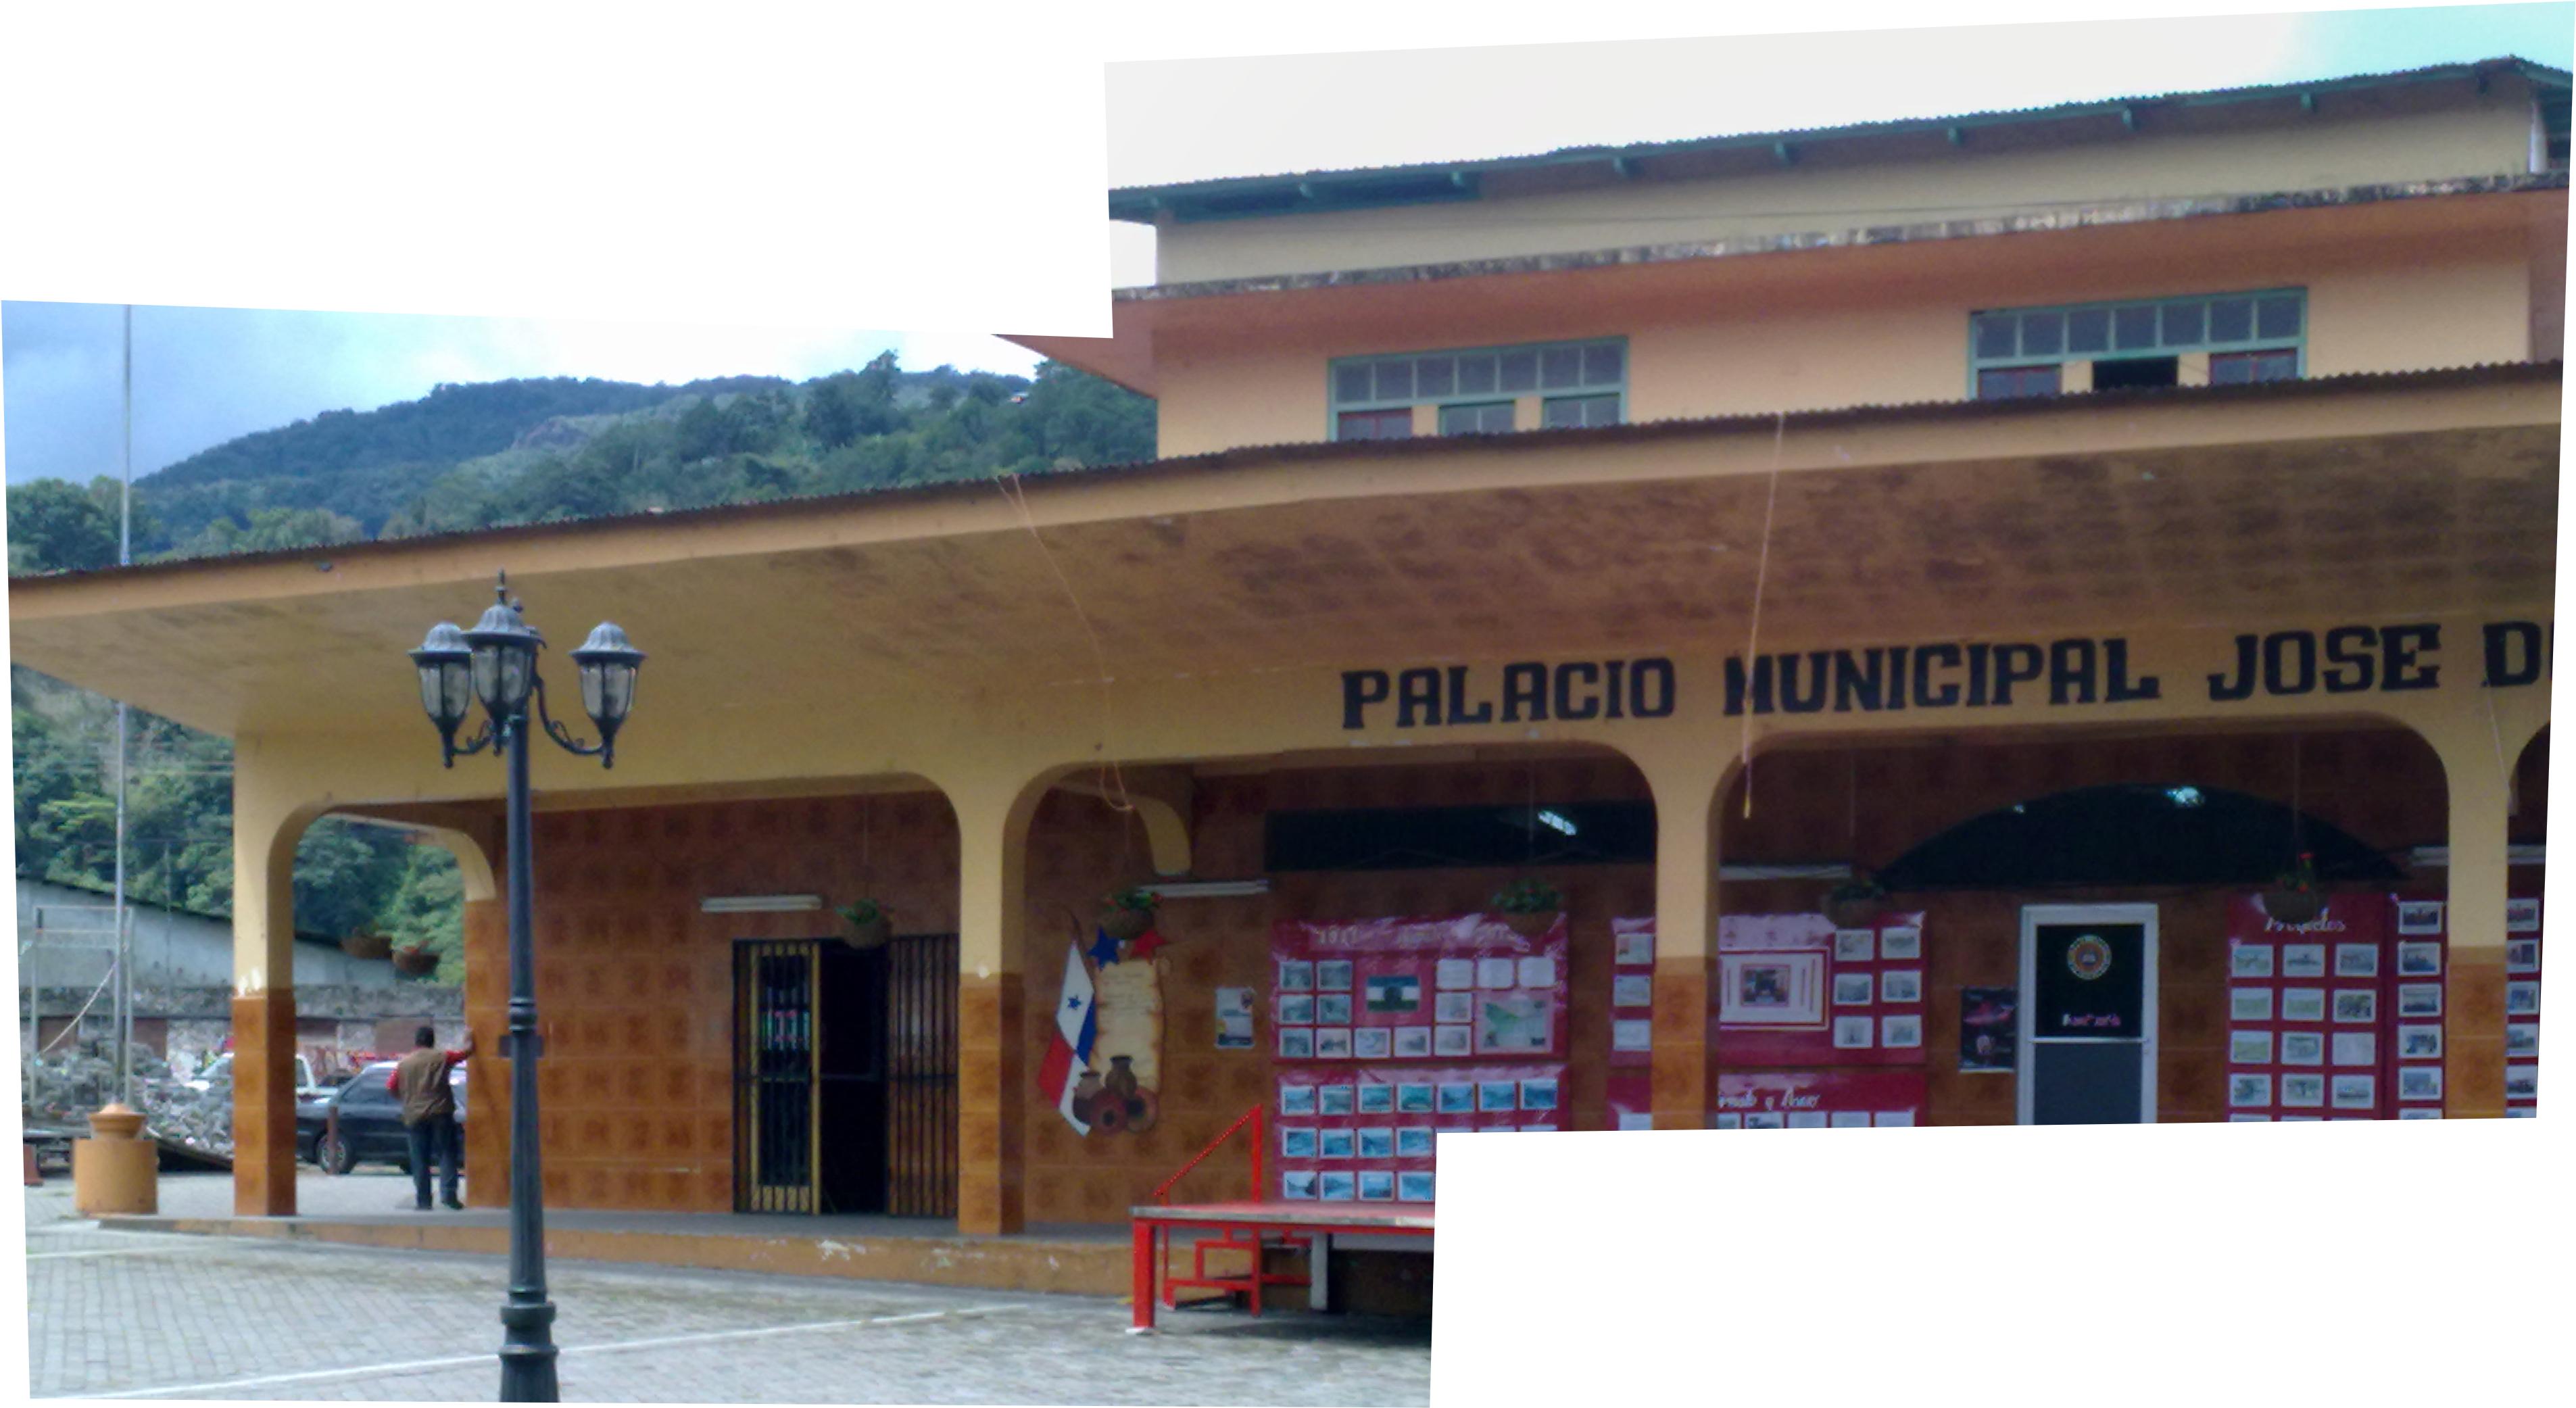 Старинная мэрия Бокетэ с гимном и многочисленными фотографиями о давних временах, а также не влезшим в кадр вагоном. Бахо Бокетэ, Панама